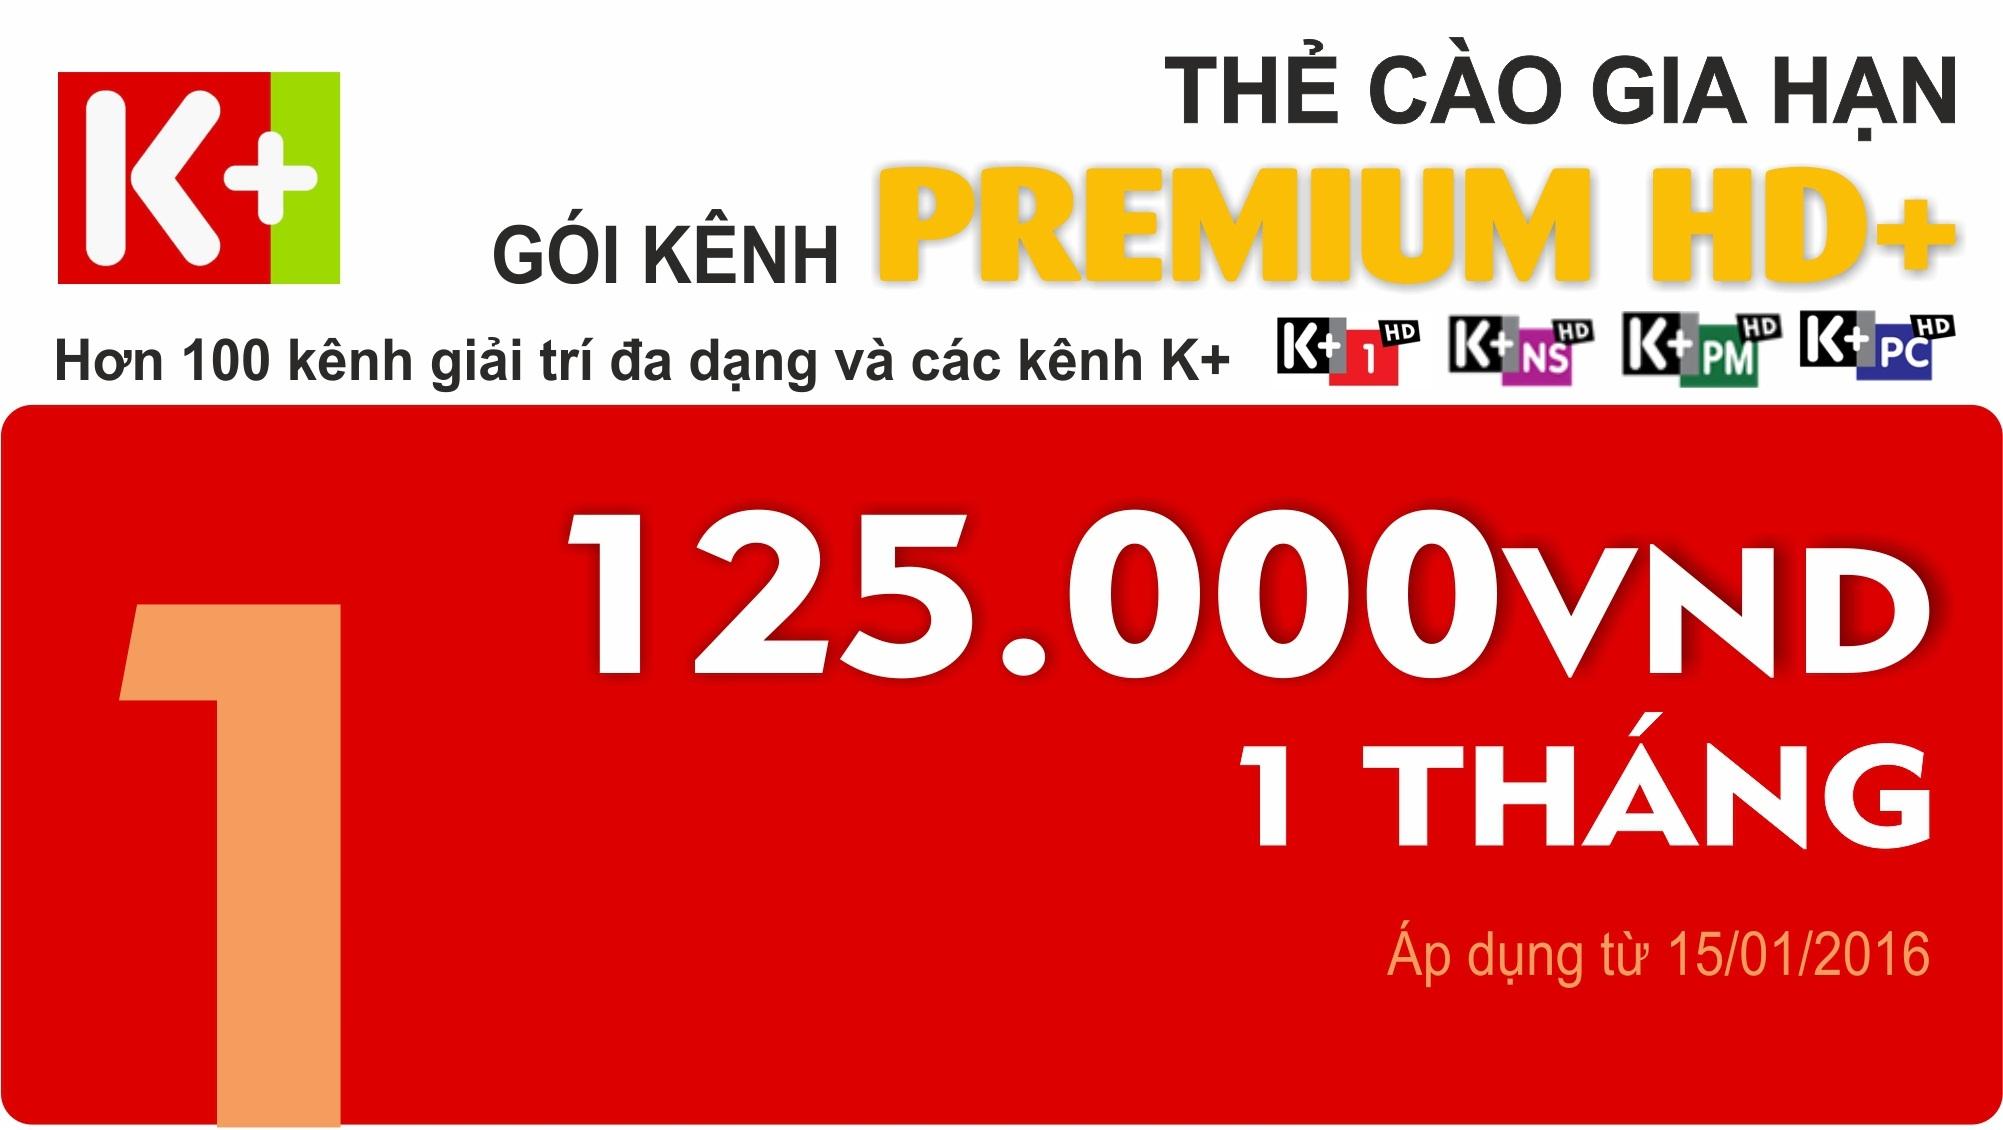 Hỗ trợ thông tin về dịch vụ gia hạn thuê bao K+